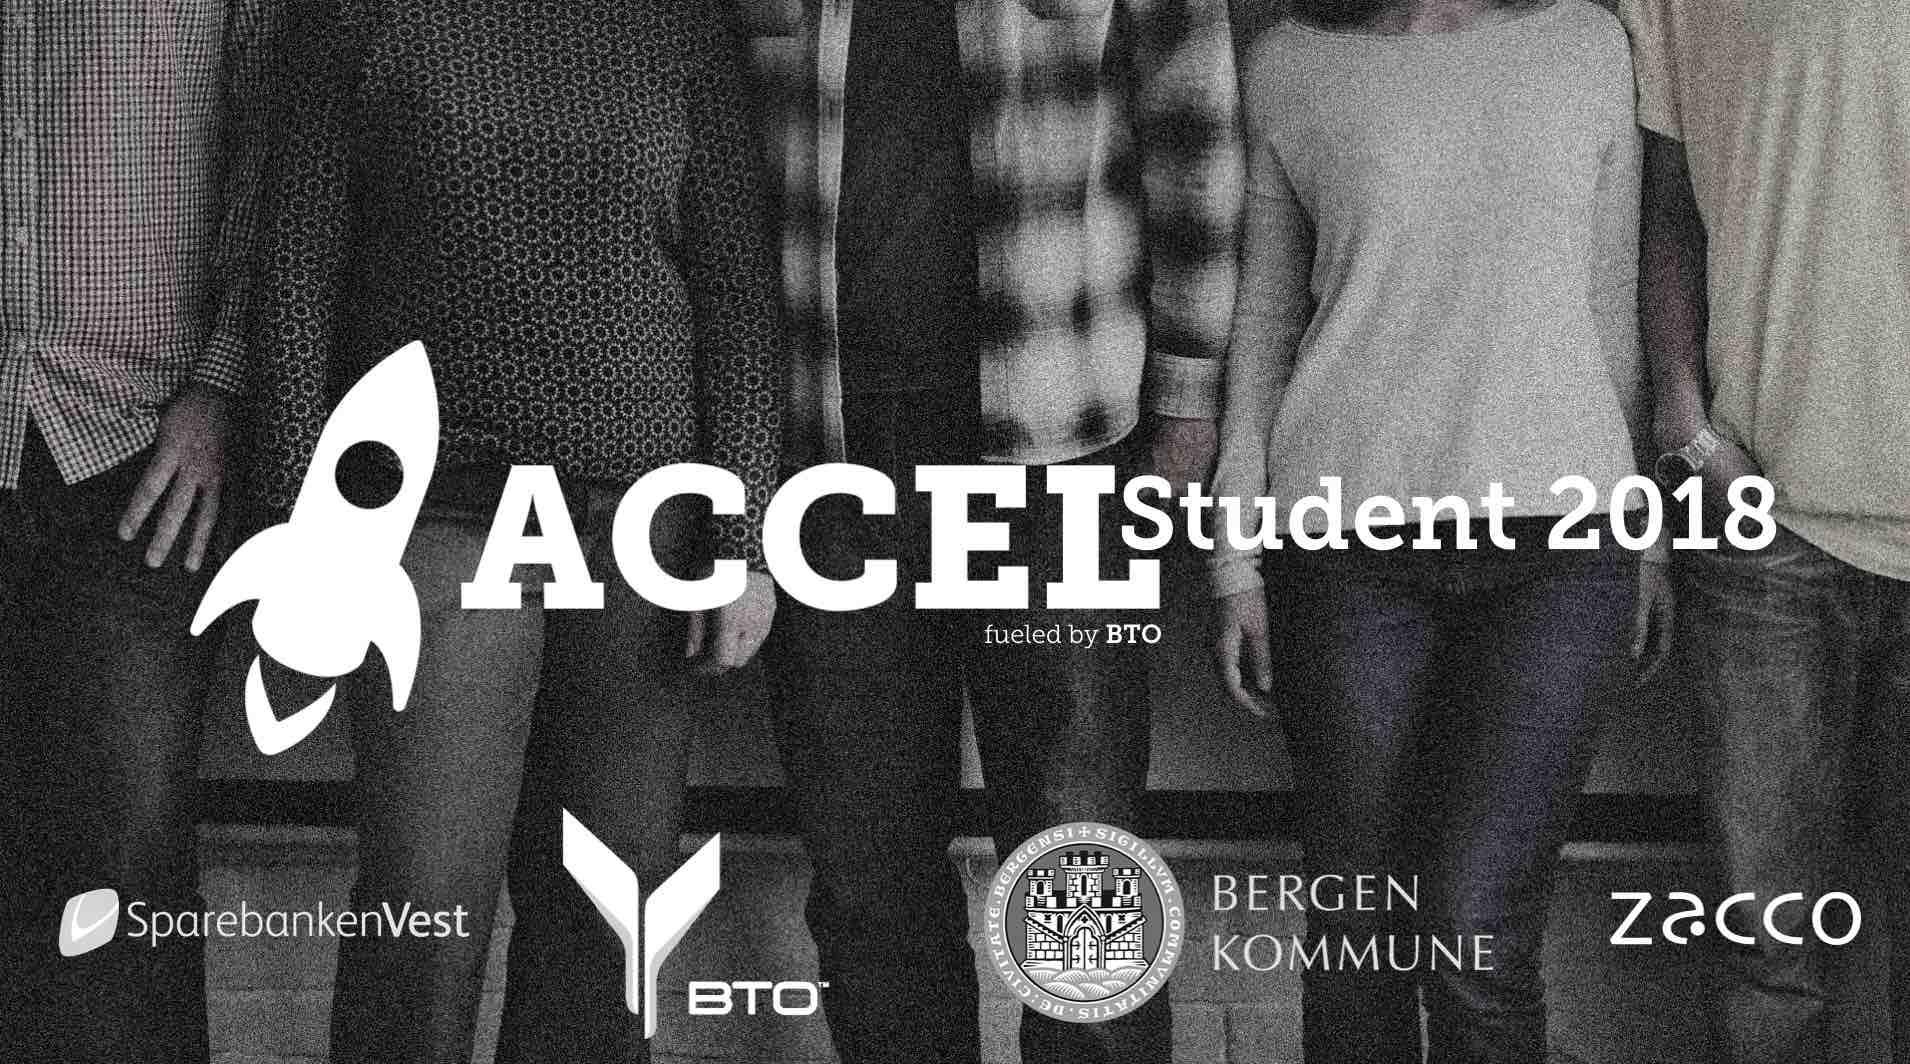 ACCEL Student Host 2018 Poster.jpg